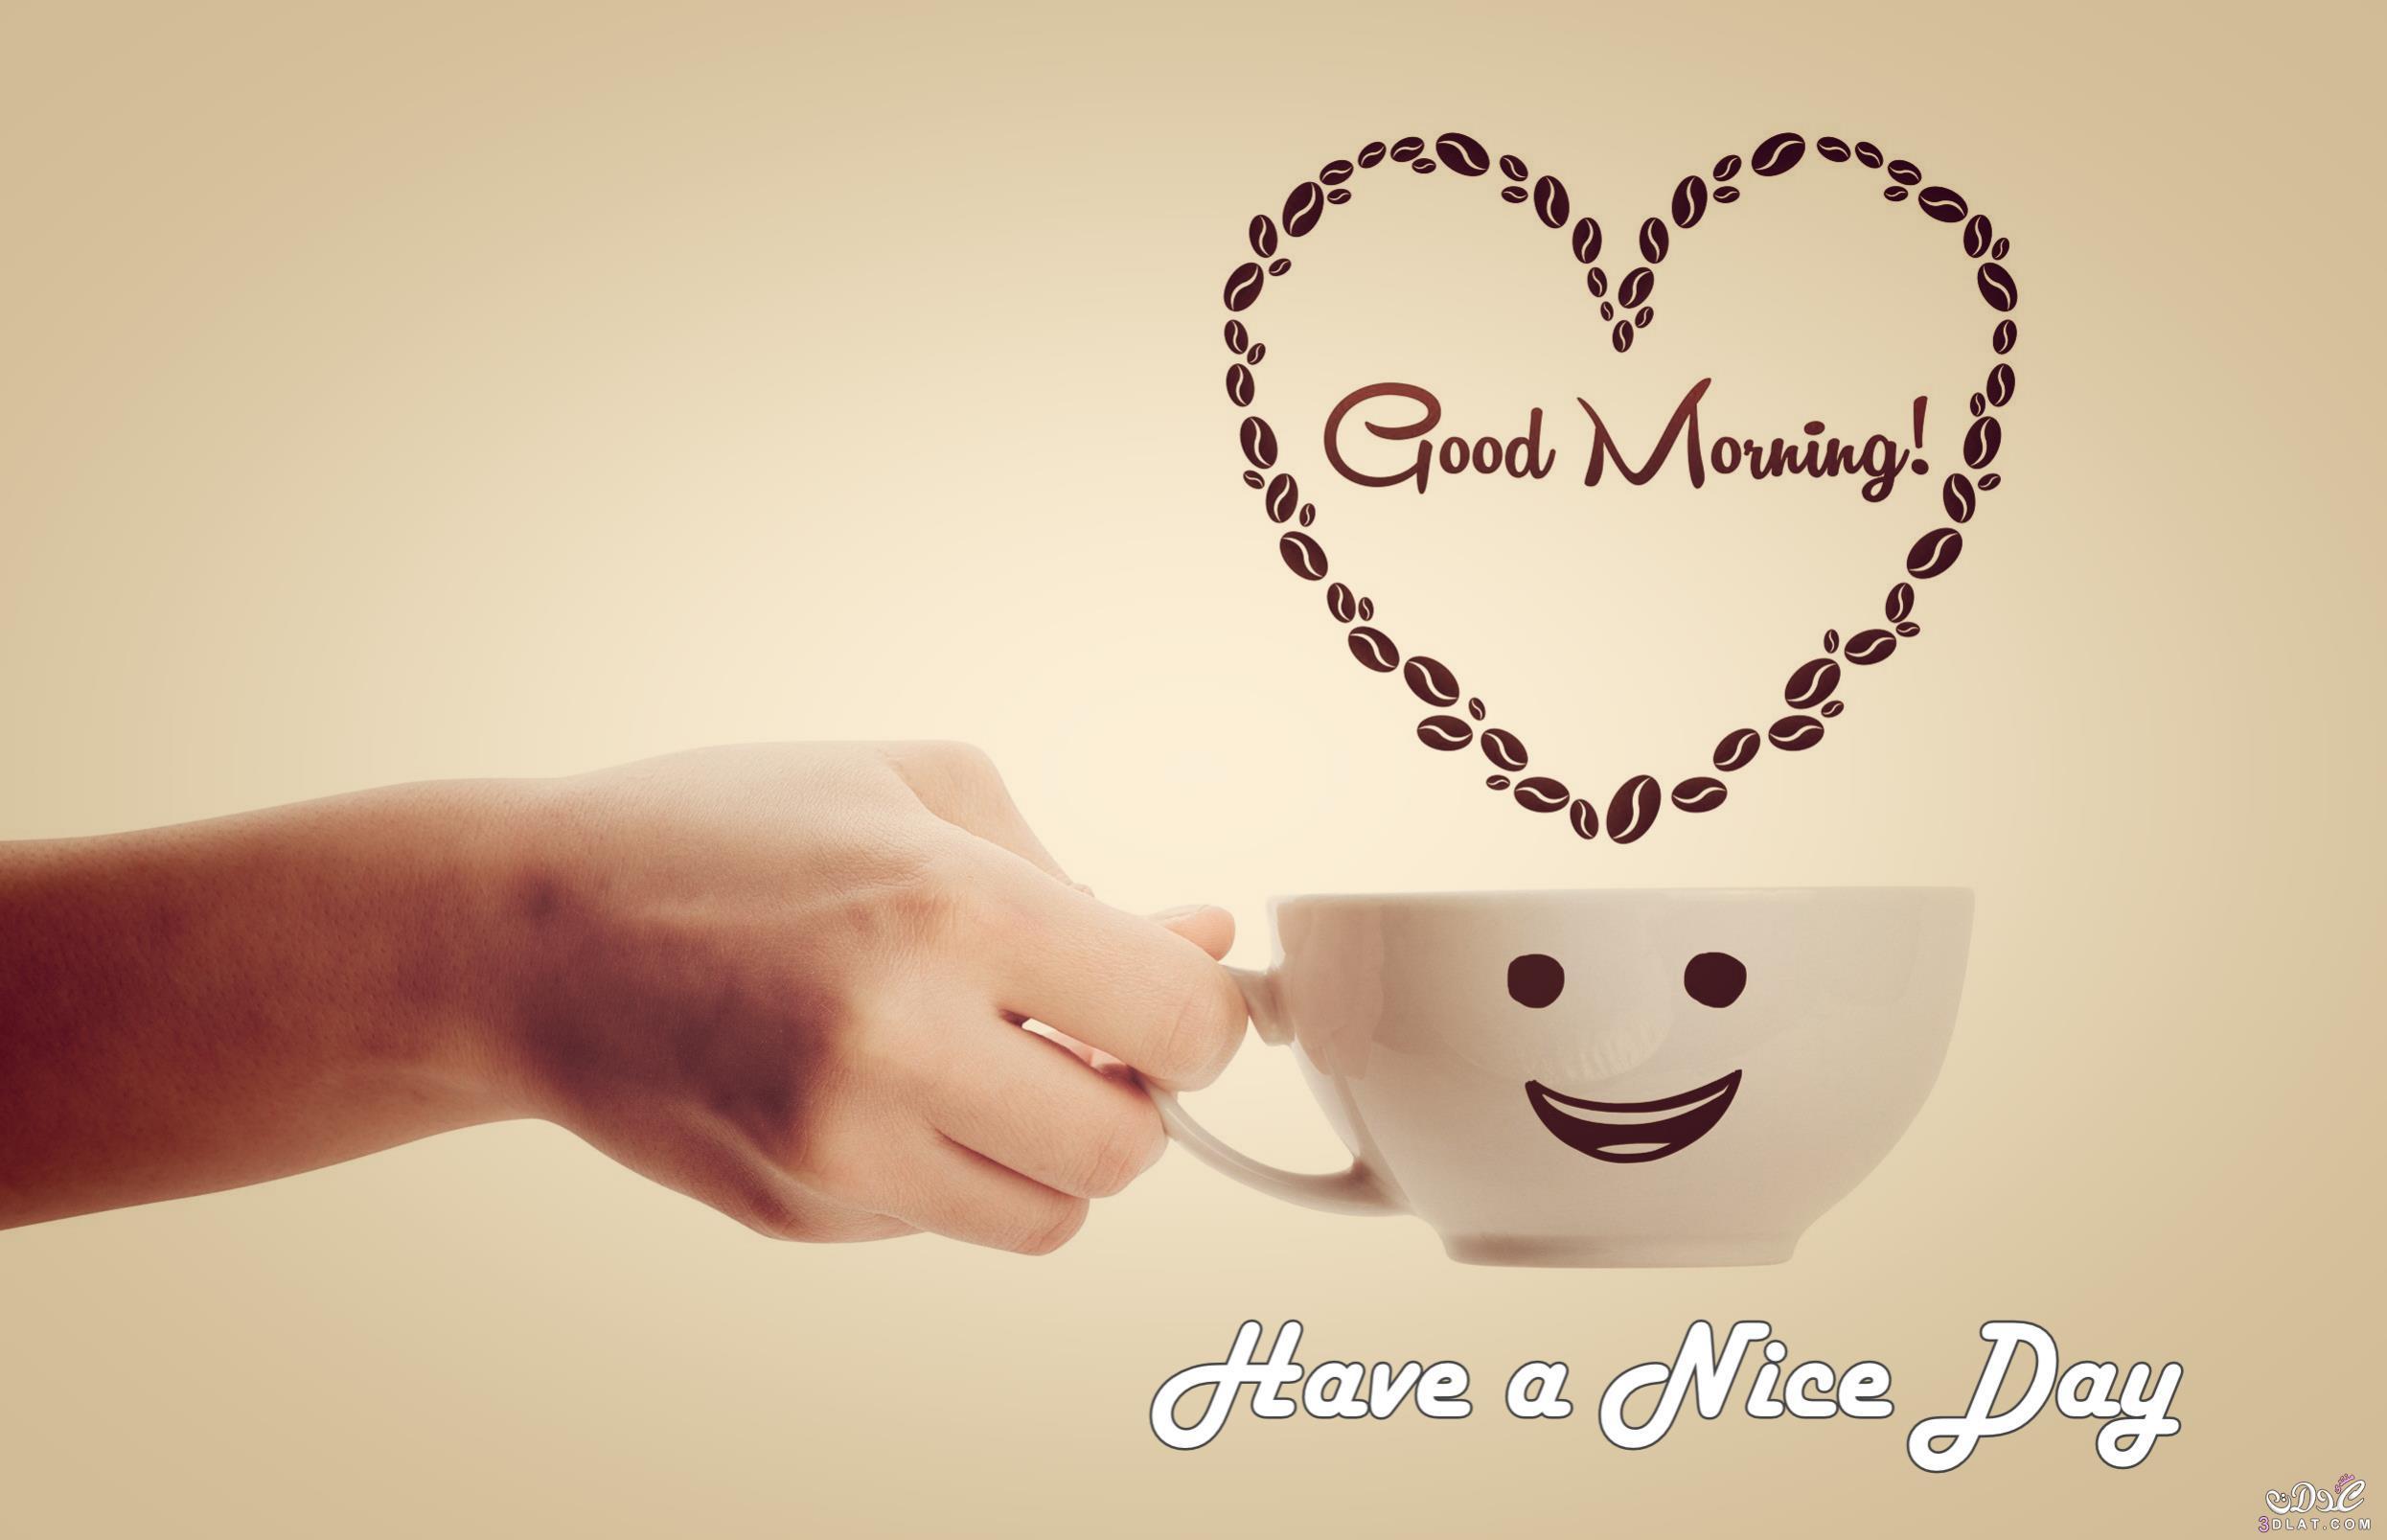 بالصور كلمات صباحية للحبيب , اروع الكلمات الصباحية للحبيب 4994 8